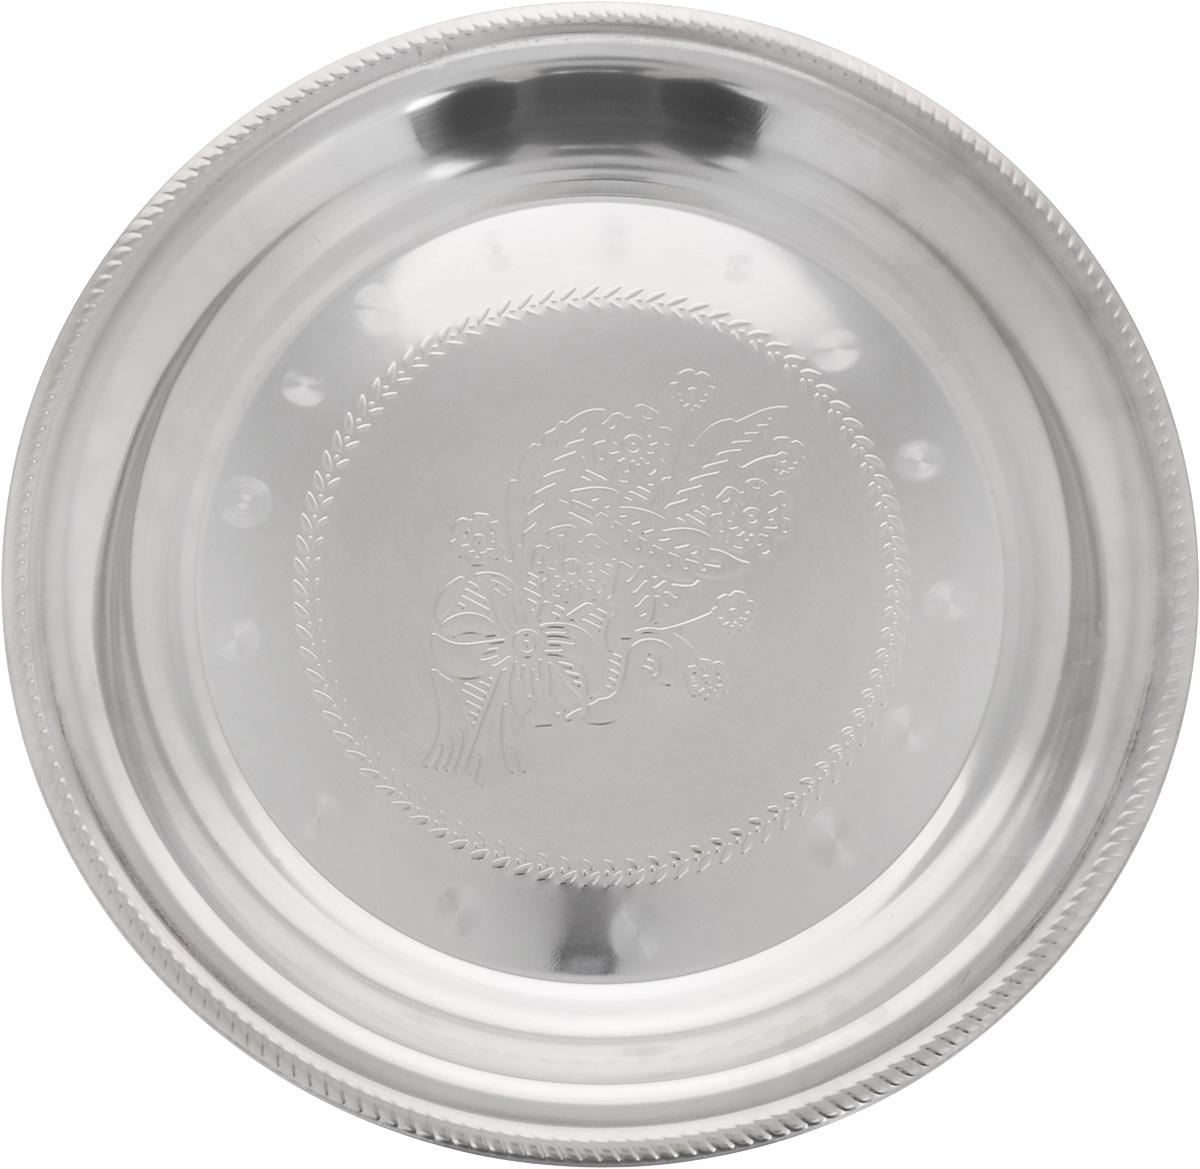 Блюдо для фруктов Mayer & Boch, диаметр 48 см22721Блюдо для фруктов Mayer & Boch круглой формы выполнено из стали с серебряно-никелевым покрытием. Блюдо с зеркальной поверхностью по краям оформлено изящным рисунком. Оно отлично подойдет для красивой сервировки различных блюд, закусок и фруктов на праздничном столе.Изящный дизайн придется по вкусу и ценителям классики, и тем, кто предпочитает утонченность и изысканность. Блюдо для фруктов Mayer & Boch станет отличным подарком на любой праздник.Диаметр блюда: 48 см.Высота блюда: 5 см.